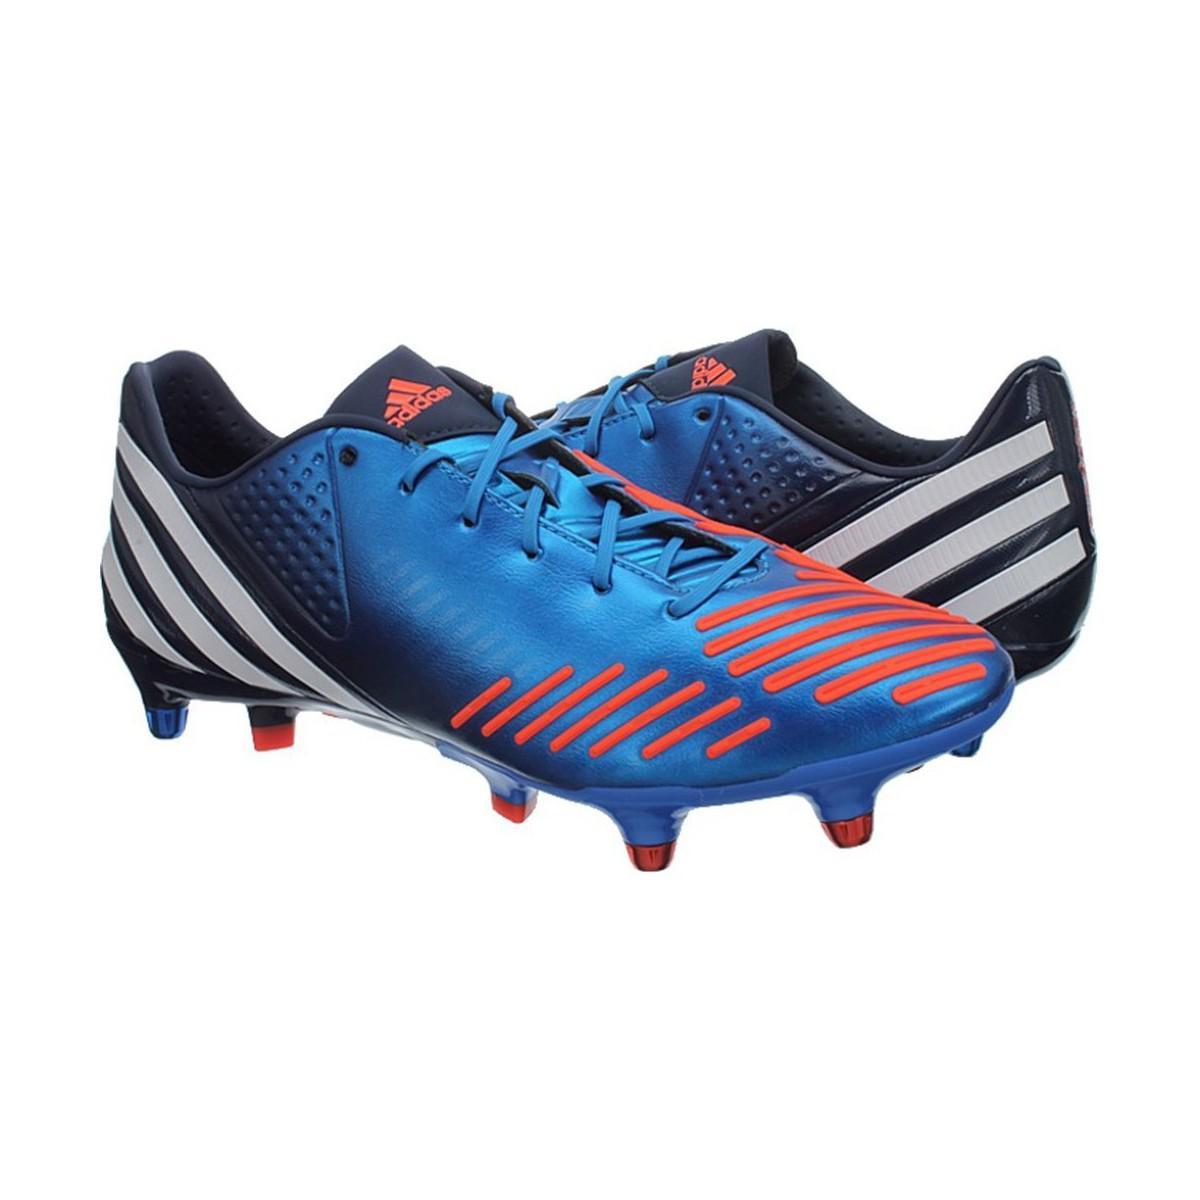 Adidas Predator LZ xtrx SG hombre botas de fútbol en azul en azul para